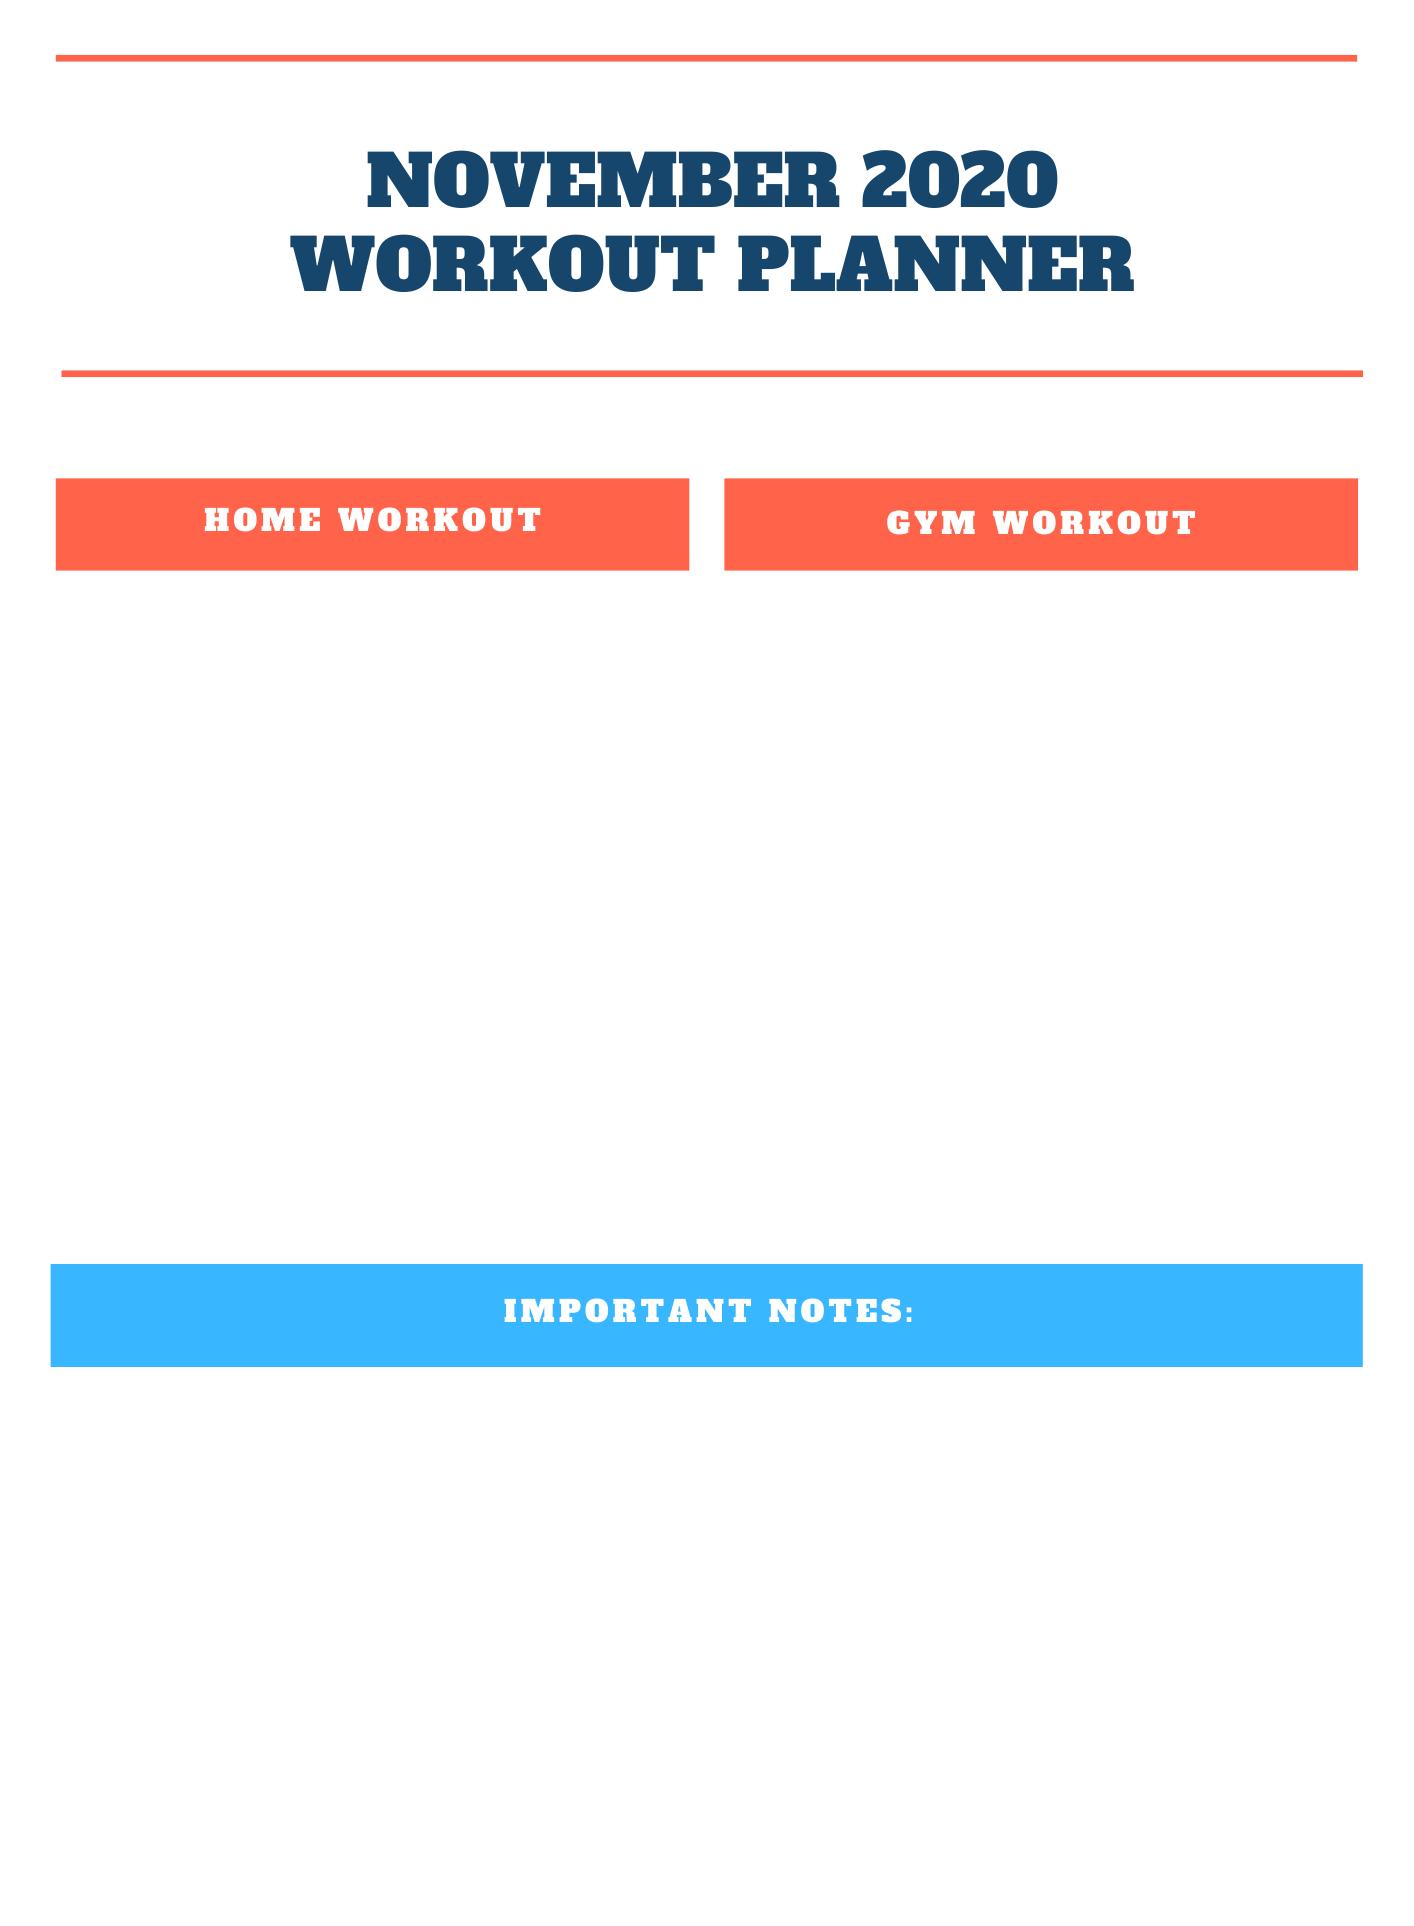 November 2020 Workout Planner